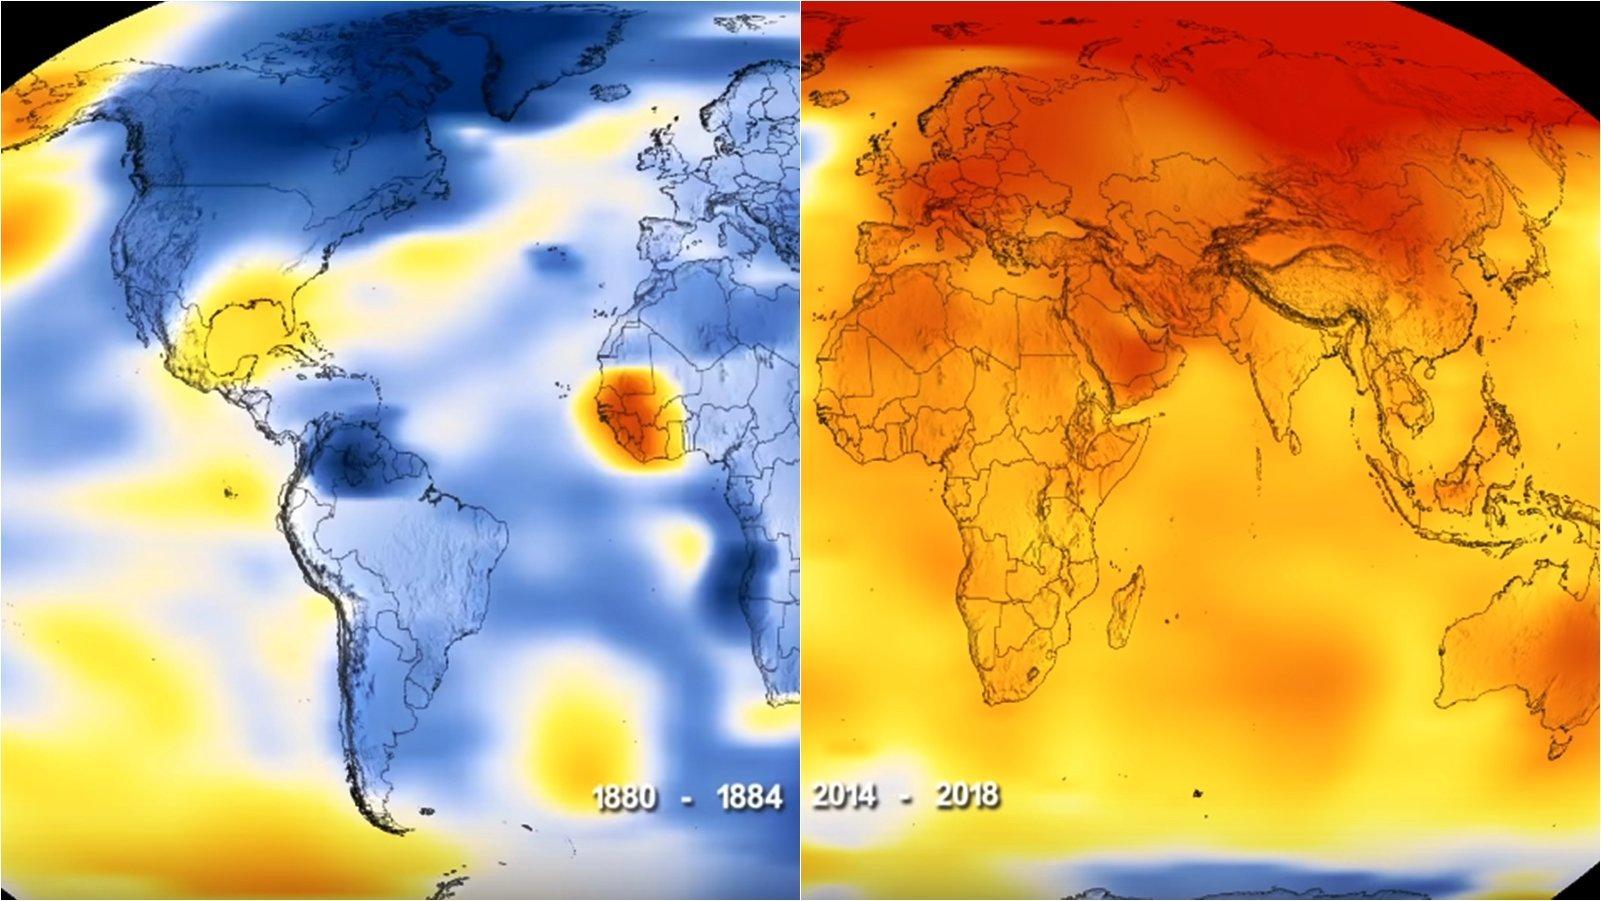 2018년은 기상 관측 이래 4번째로 더운